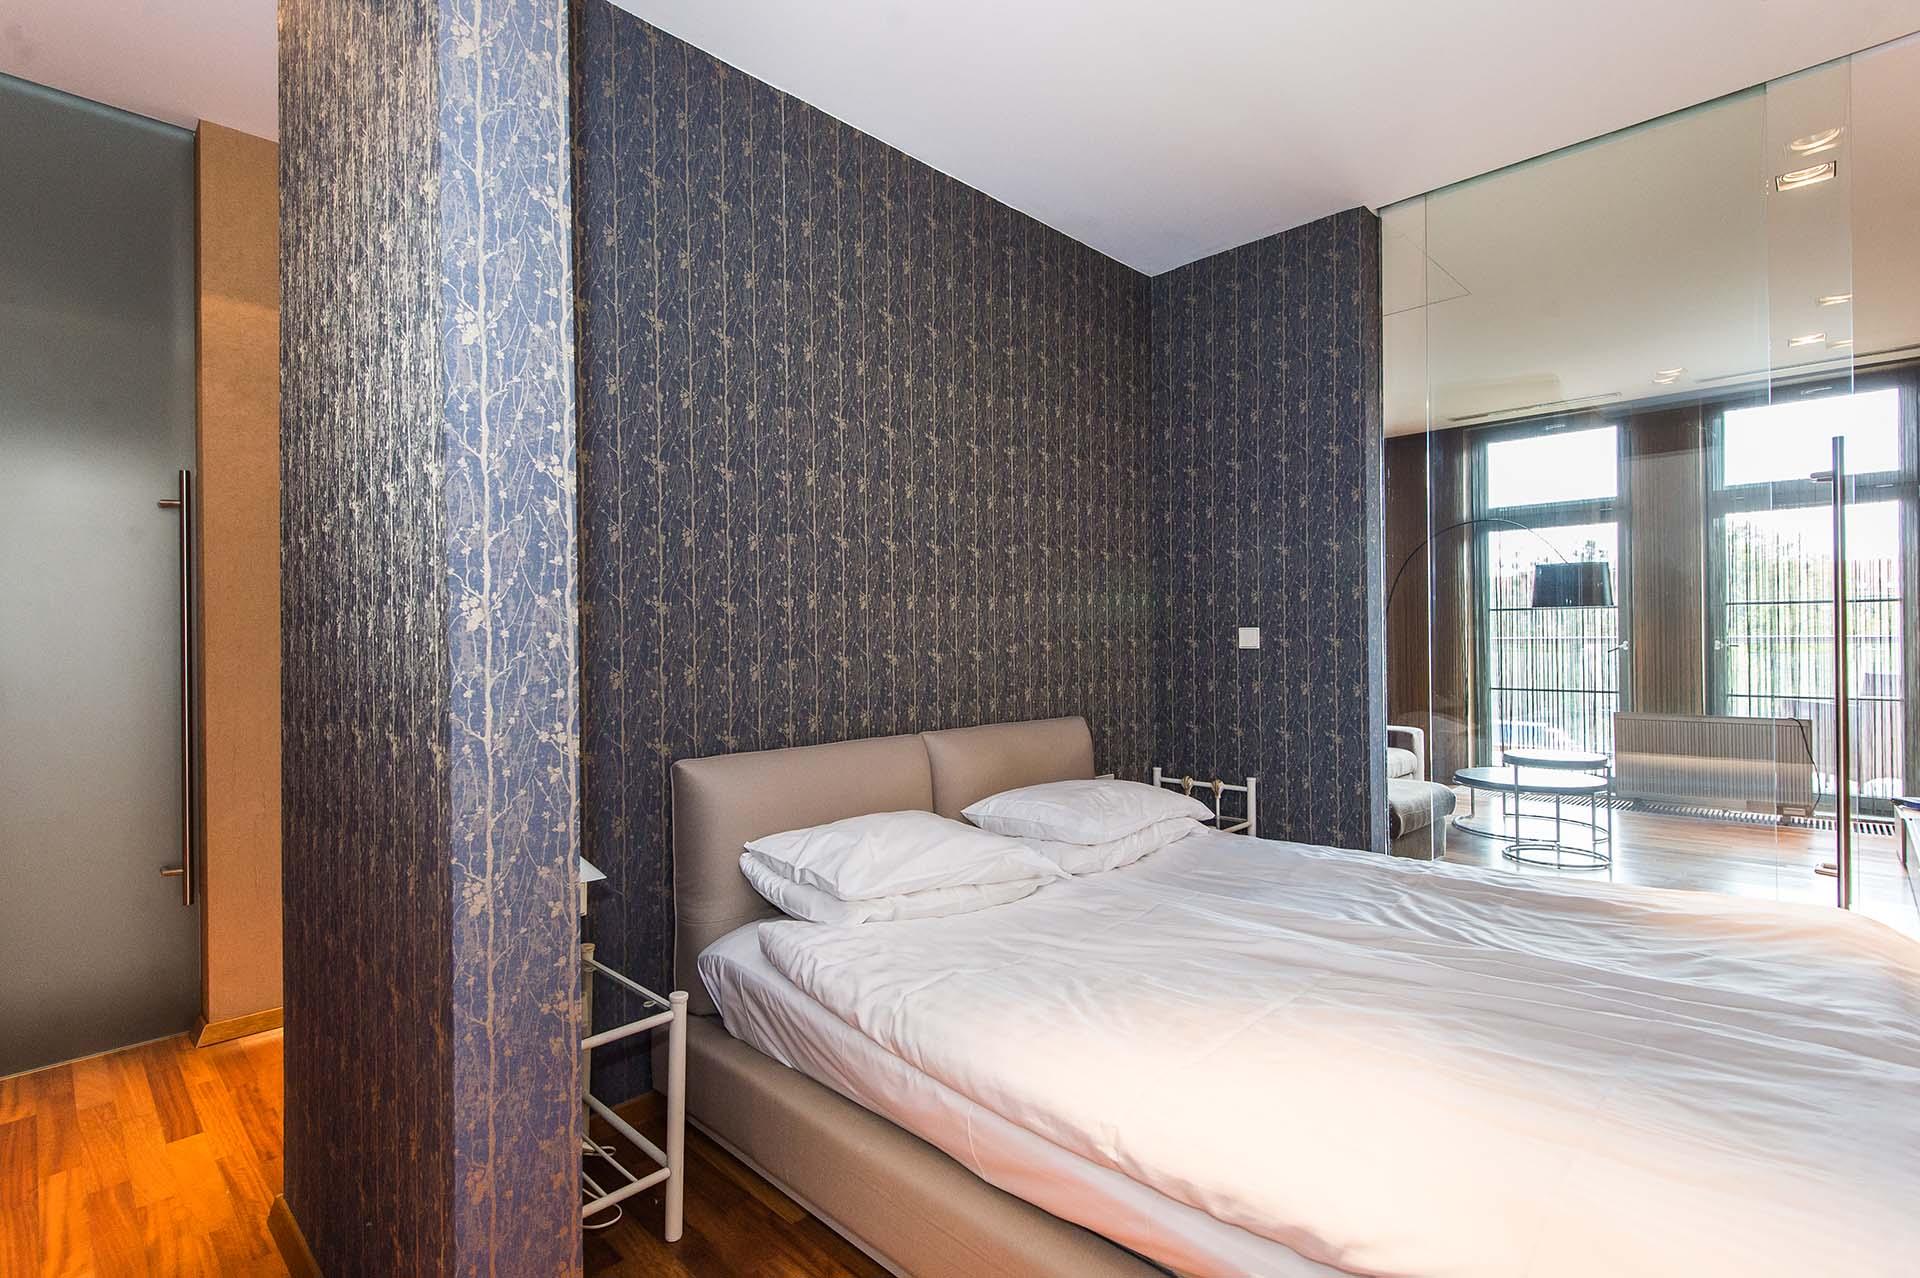 208-sypialnia